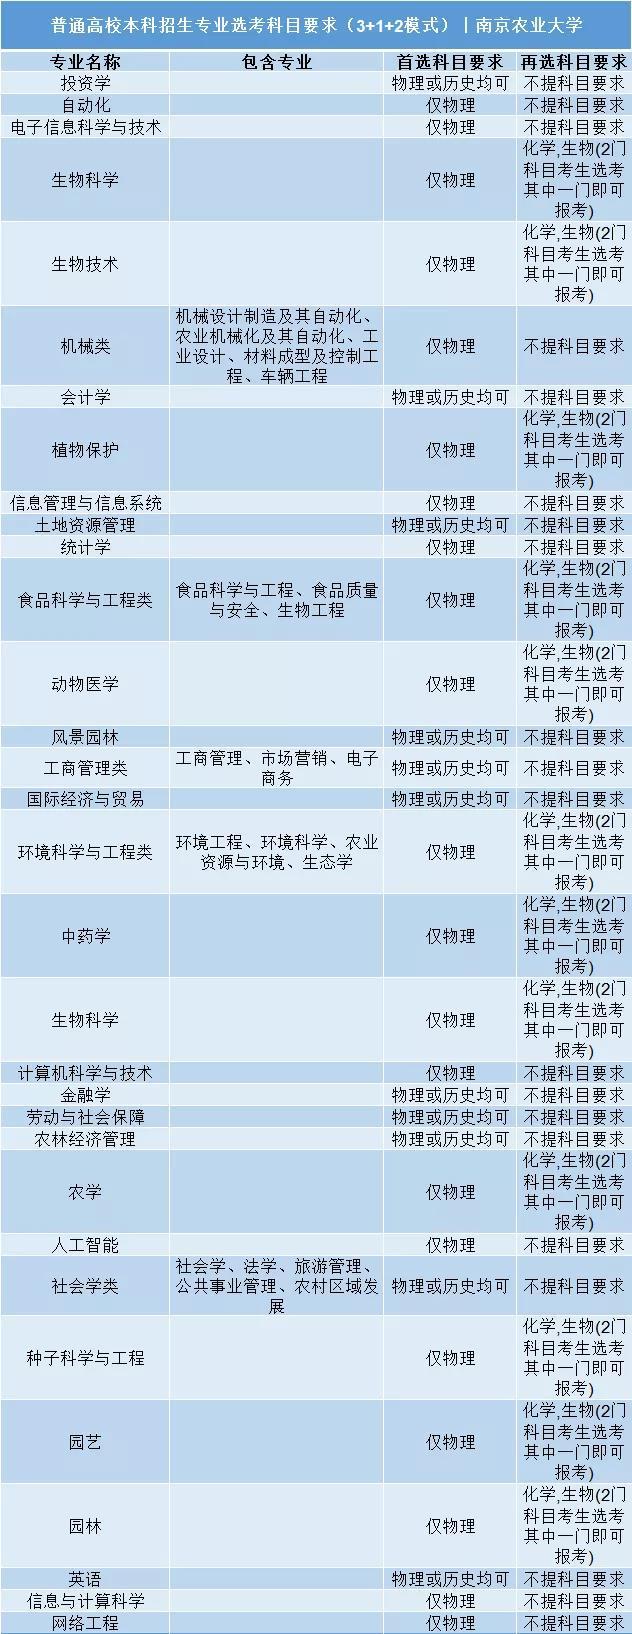 南京农业大学普通高校本科招生专业选考科目要求3+1+2模式